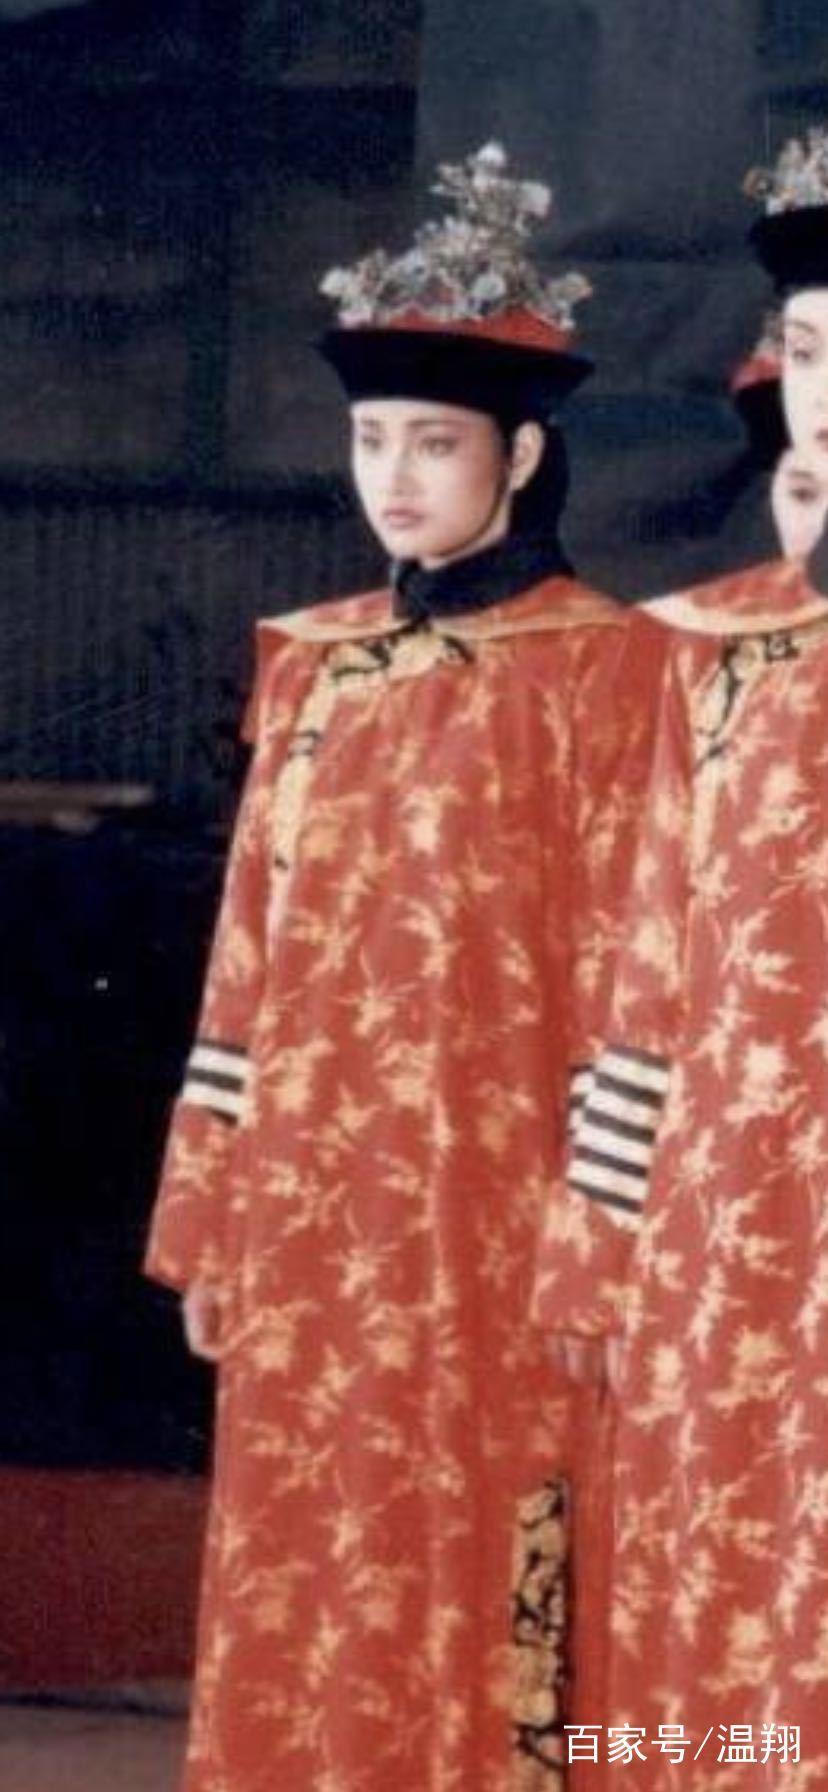 瞿颖晒出29年前和王祖贤拍摄广告的稚嫩照片,想不到王